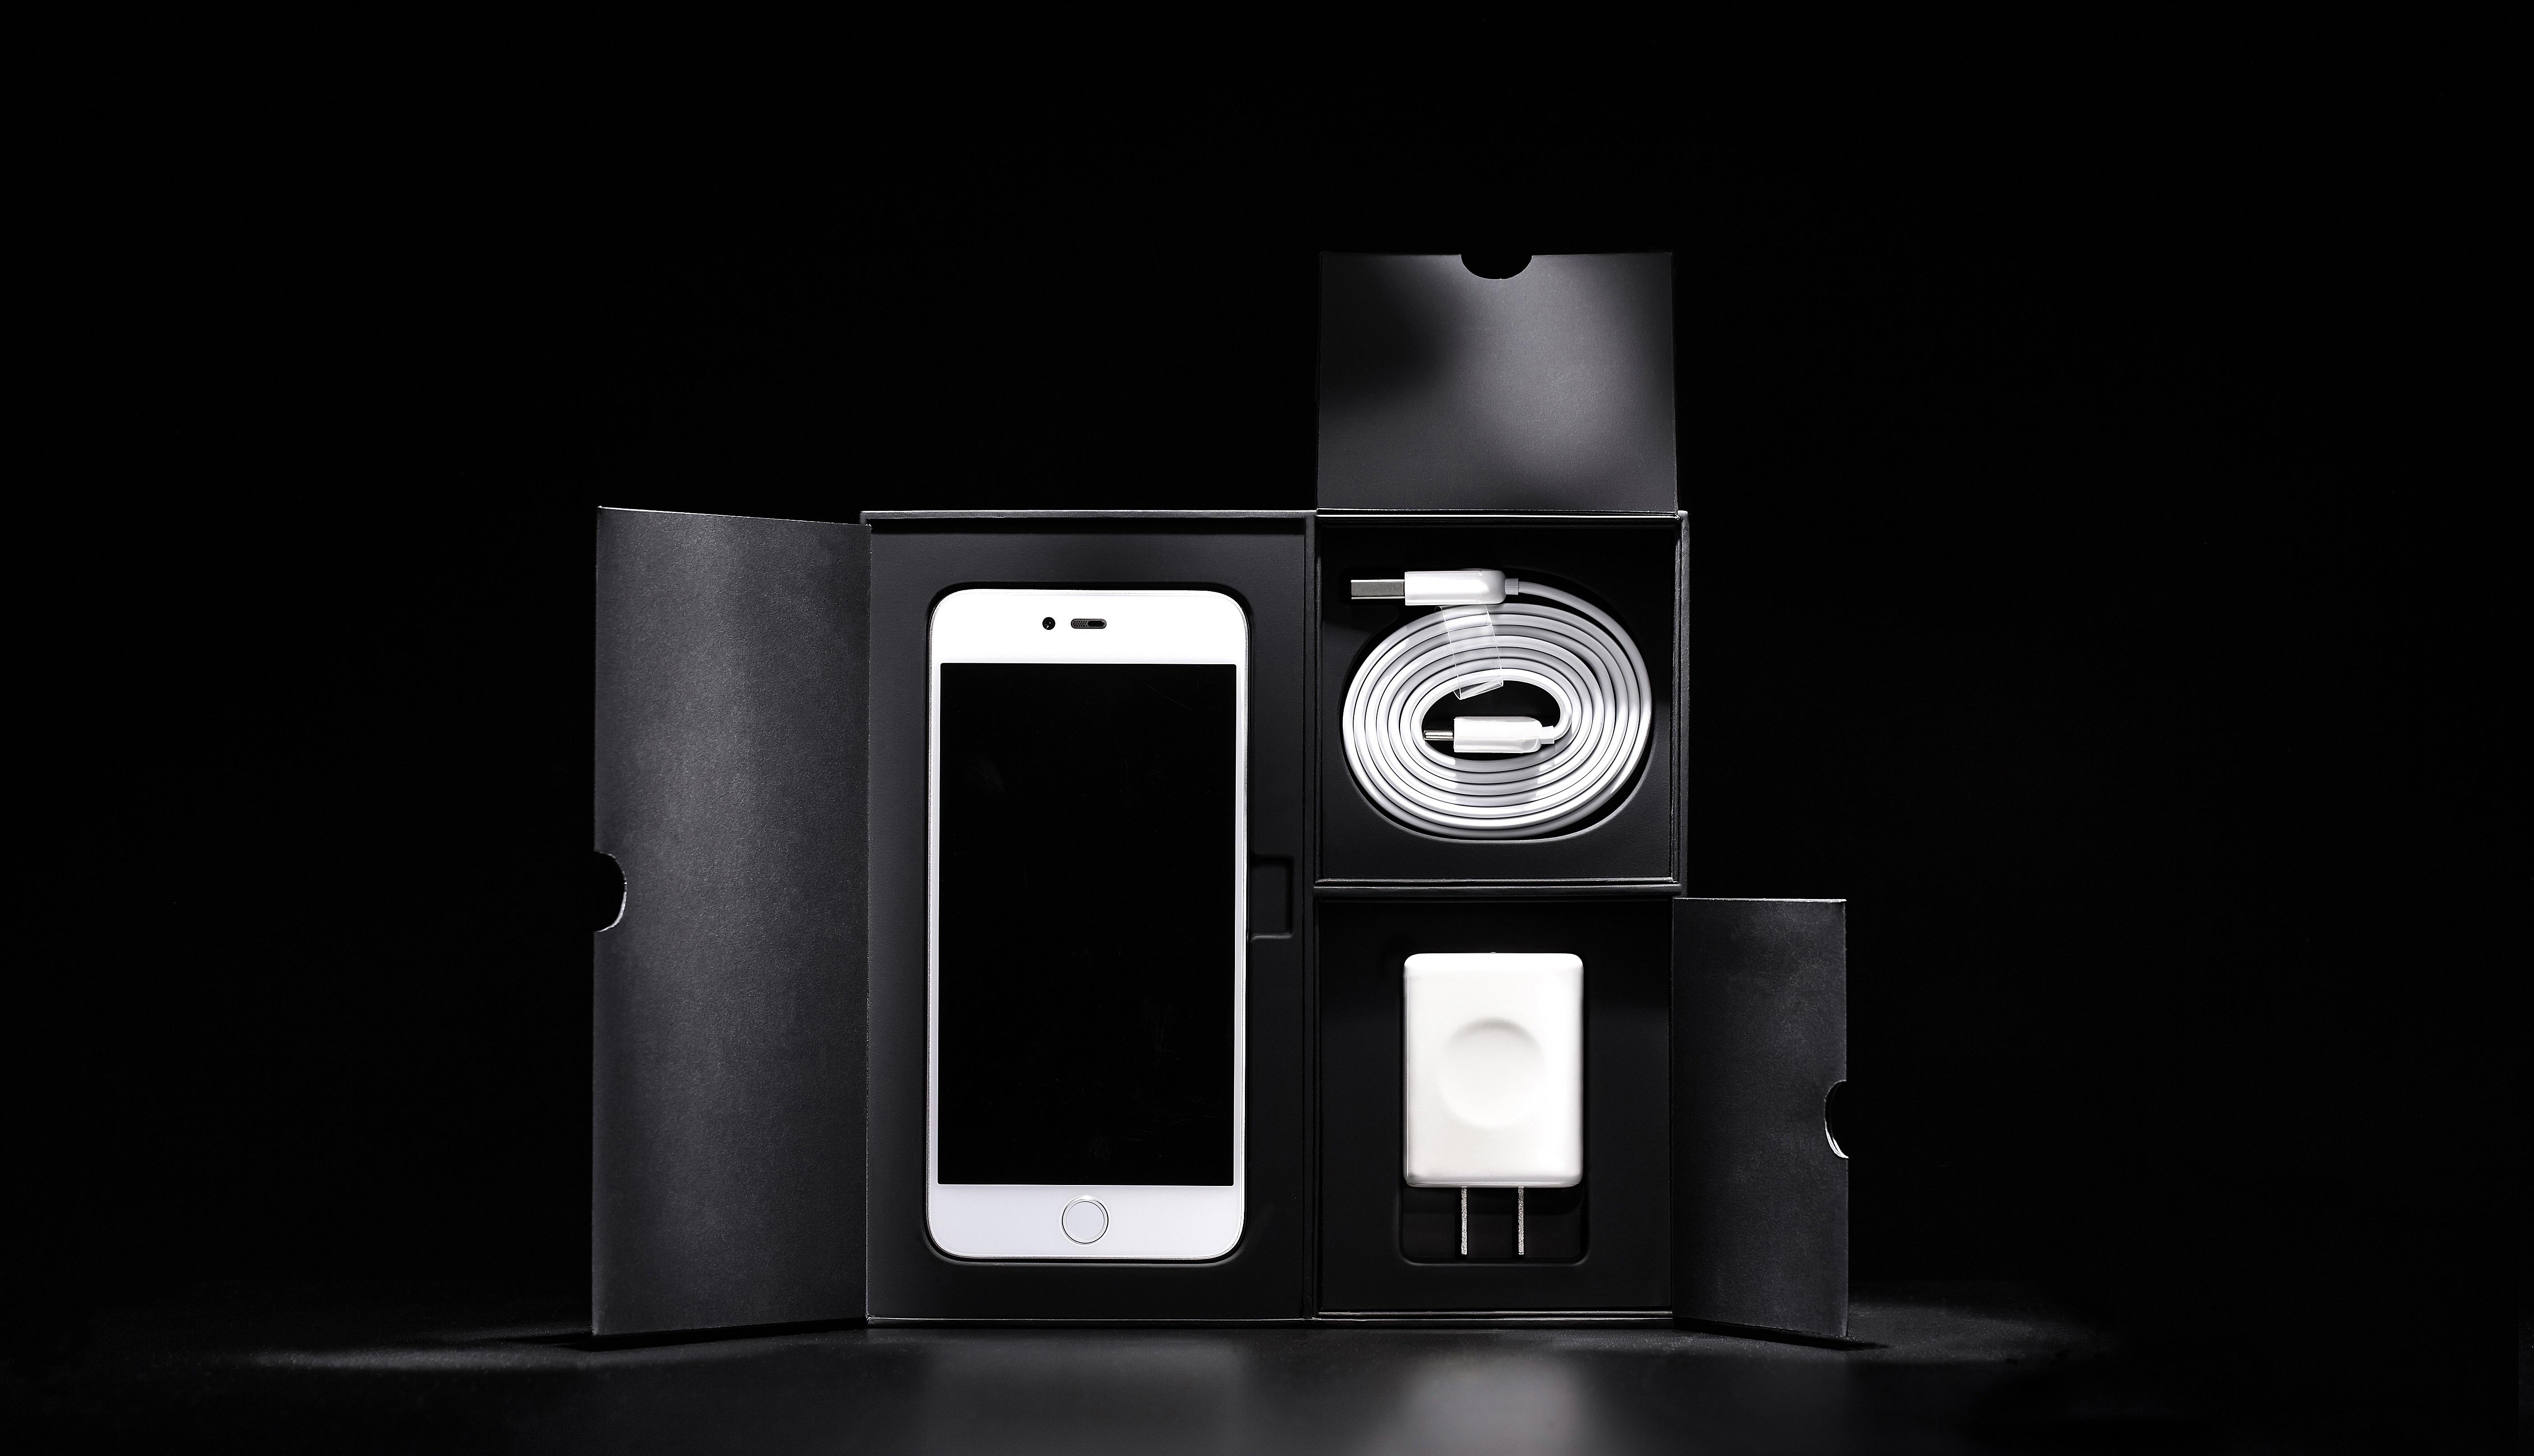 Kostenlose foto : Smartphone, Bildschirm, Licht, Schwarz und weiß ...